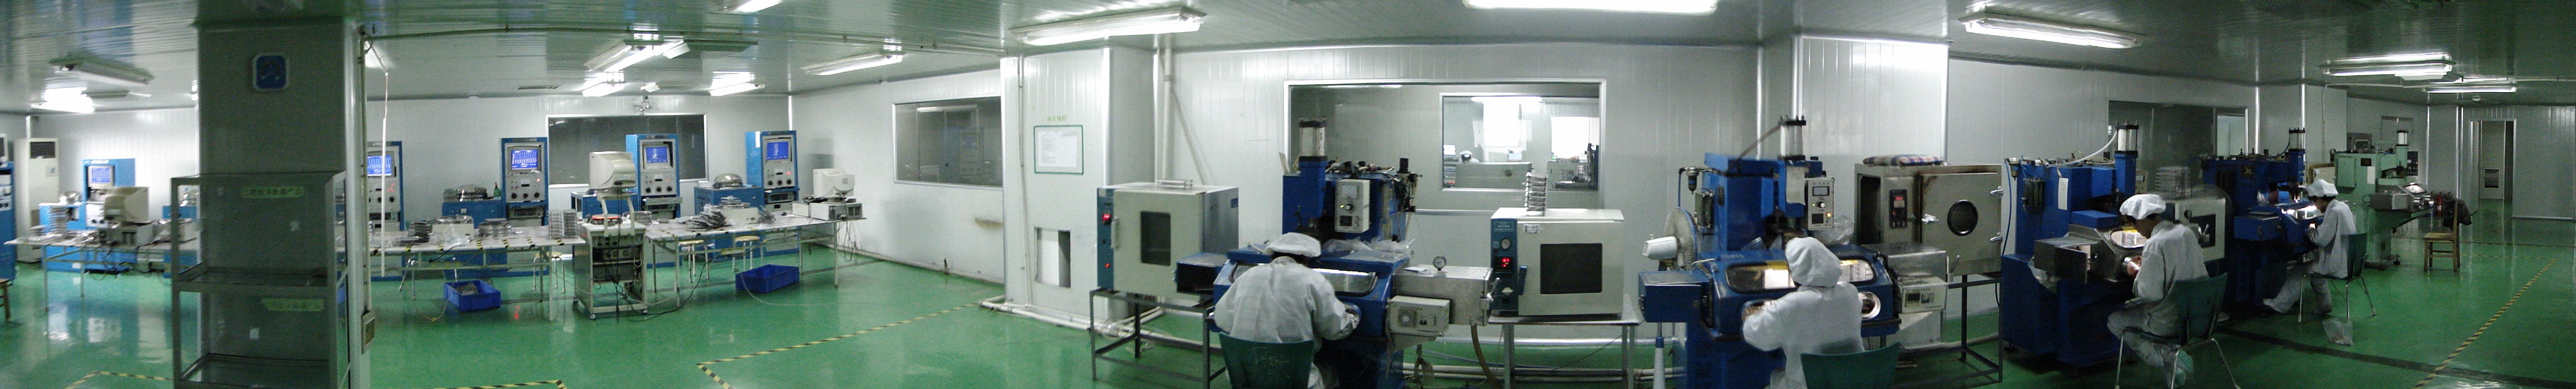 YIC工廠內部